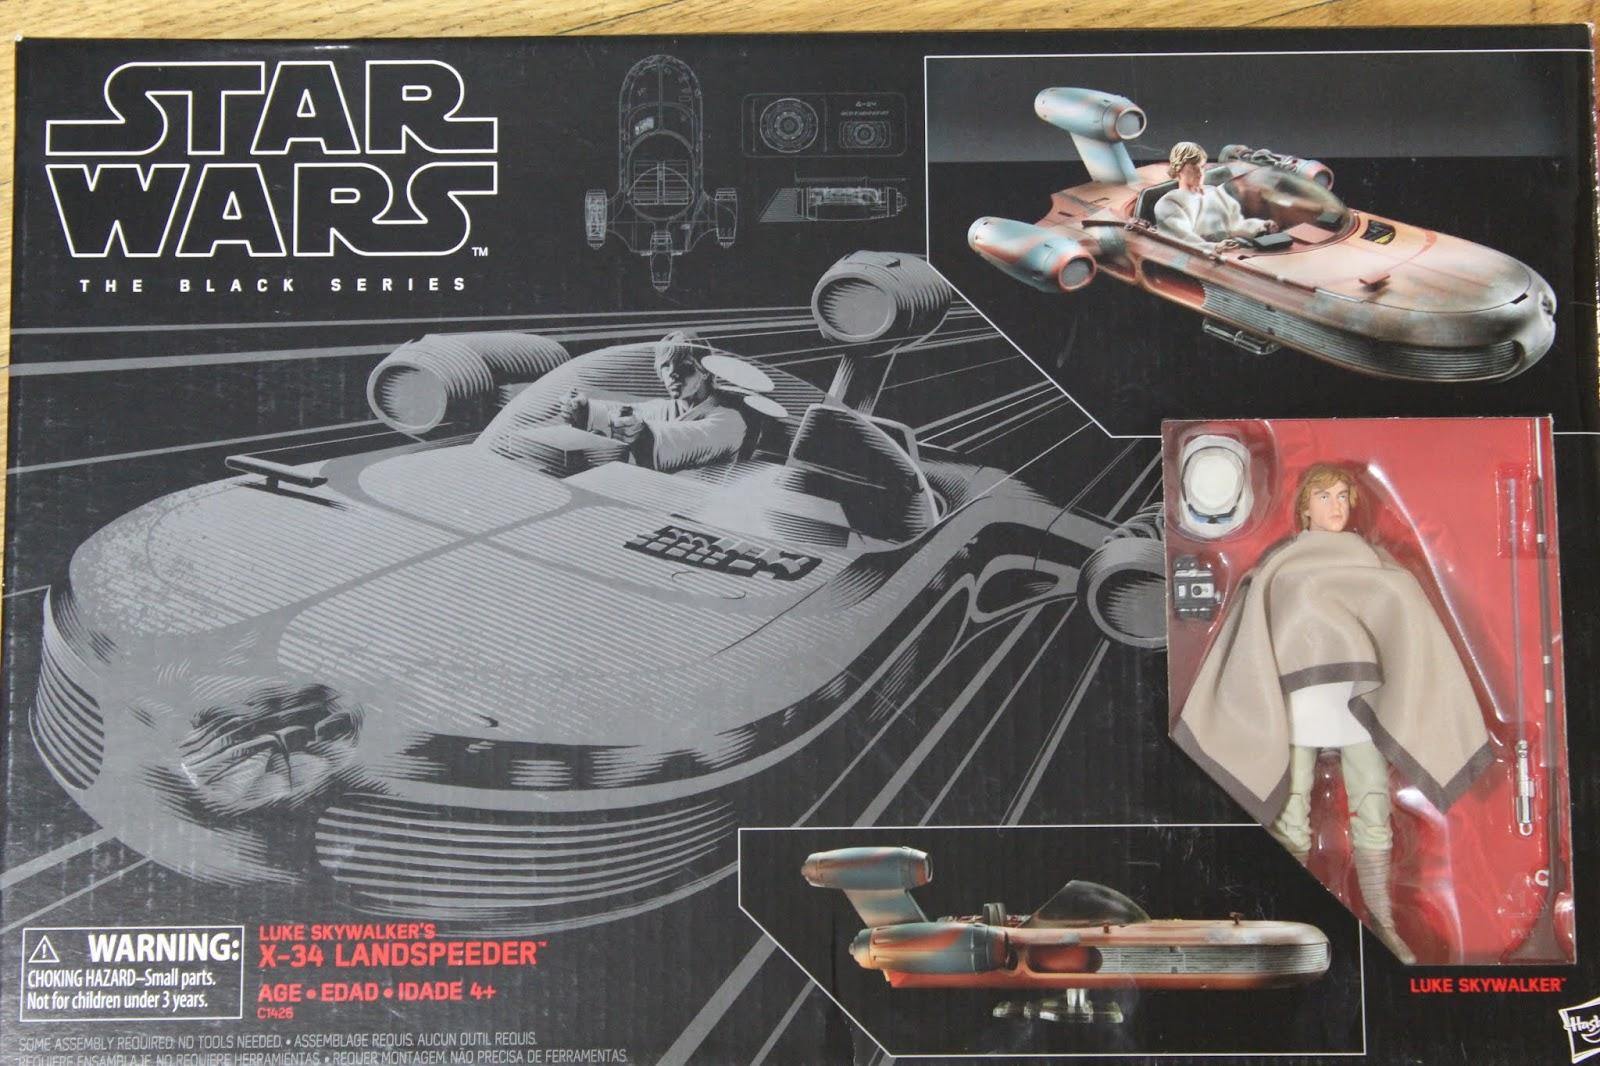 Child Sized Coffin Star Wars The Black Series X 34 Landspeeder And Luke Skywalker